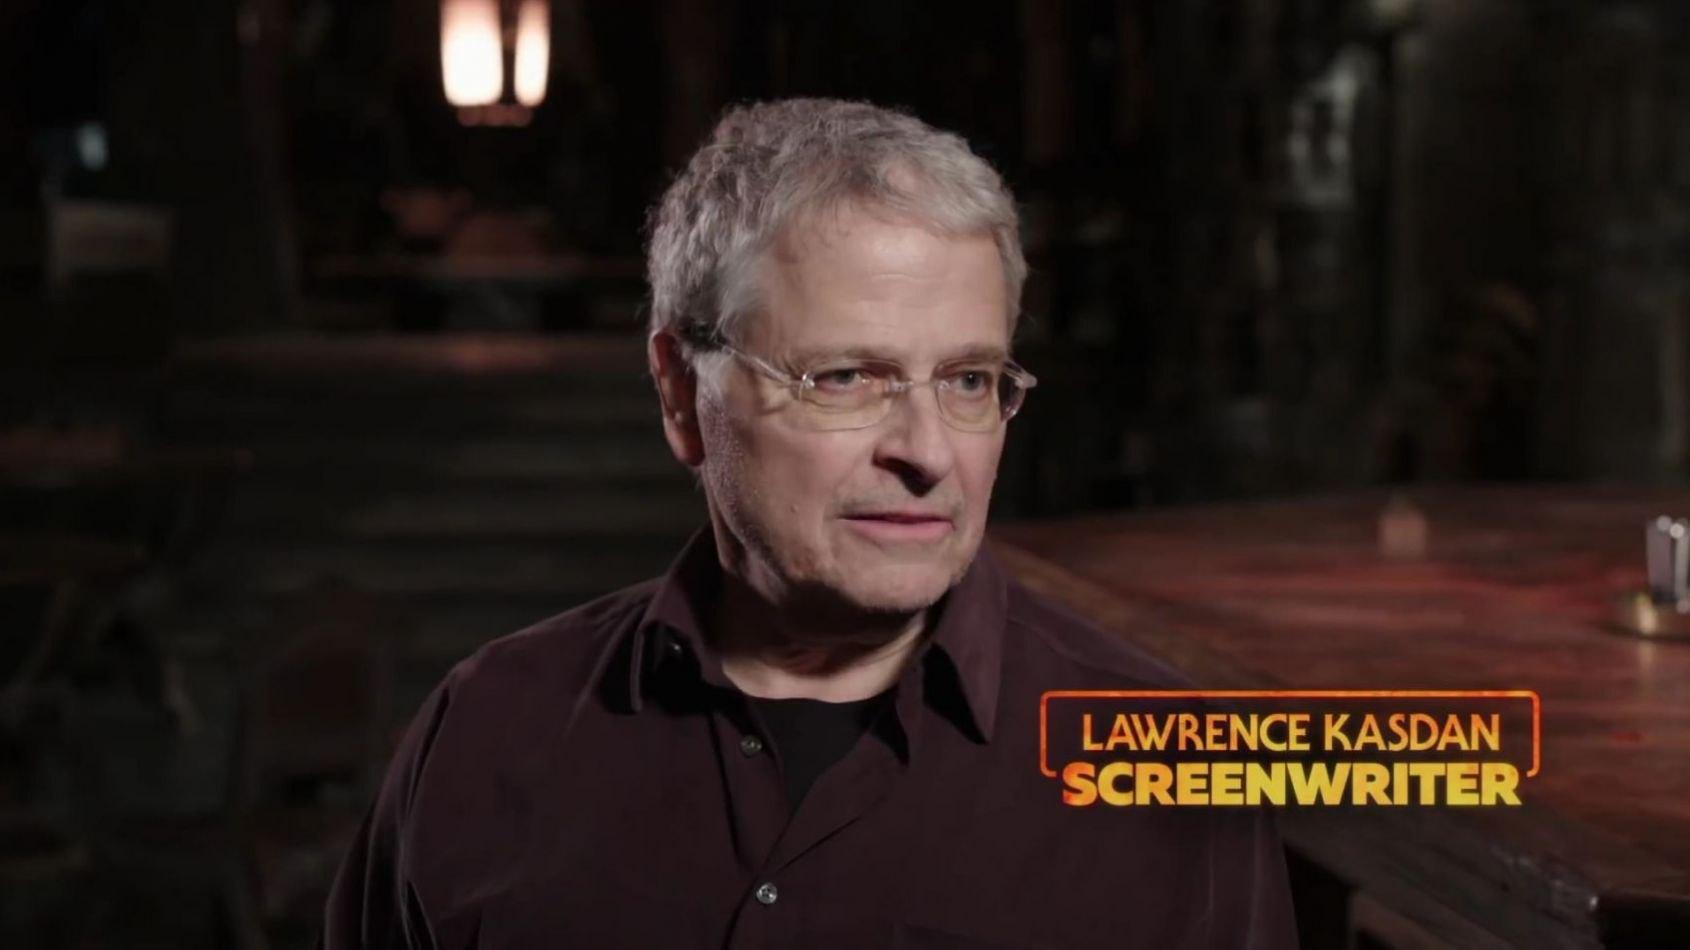 Lawrence et Jon Kasdan nous révèlent de nouvelles infos sur Solo